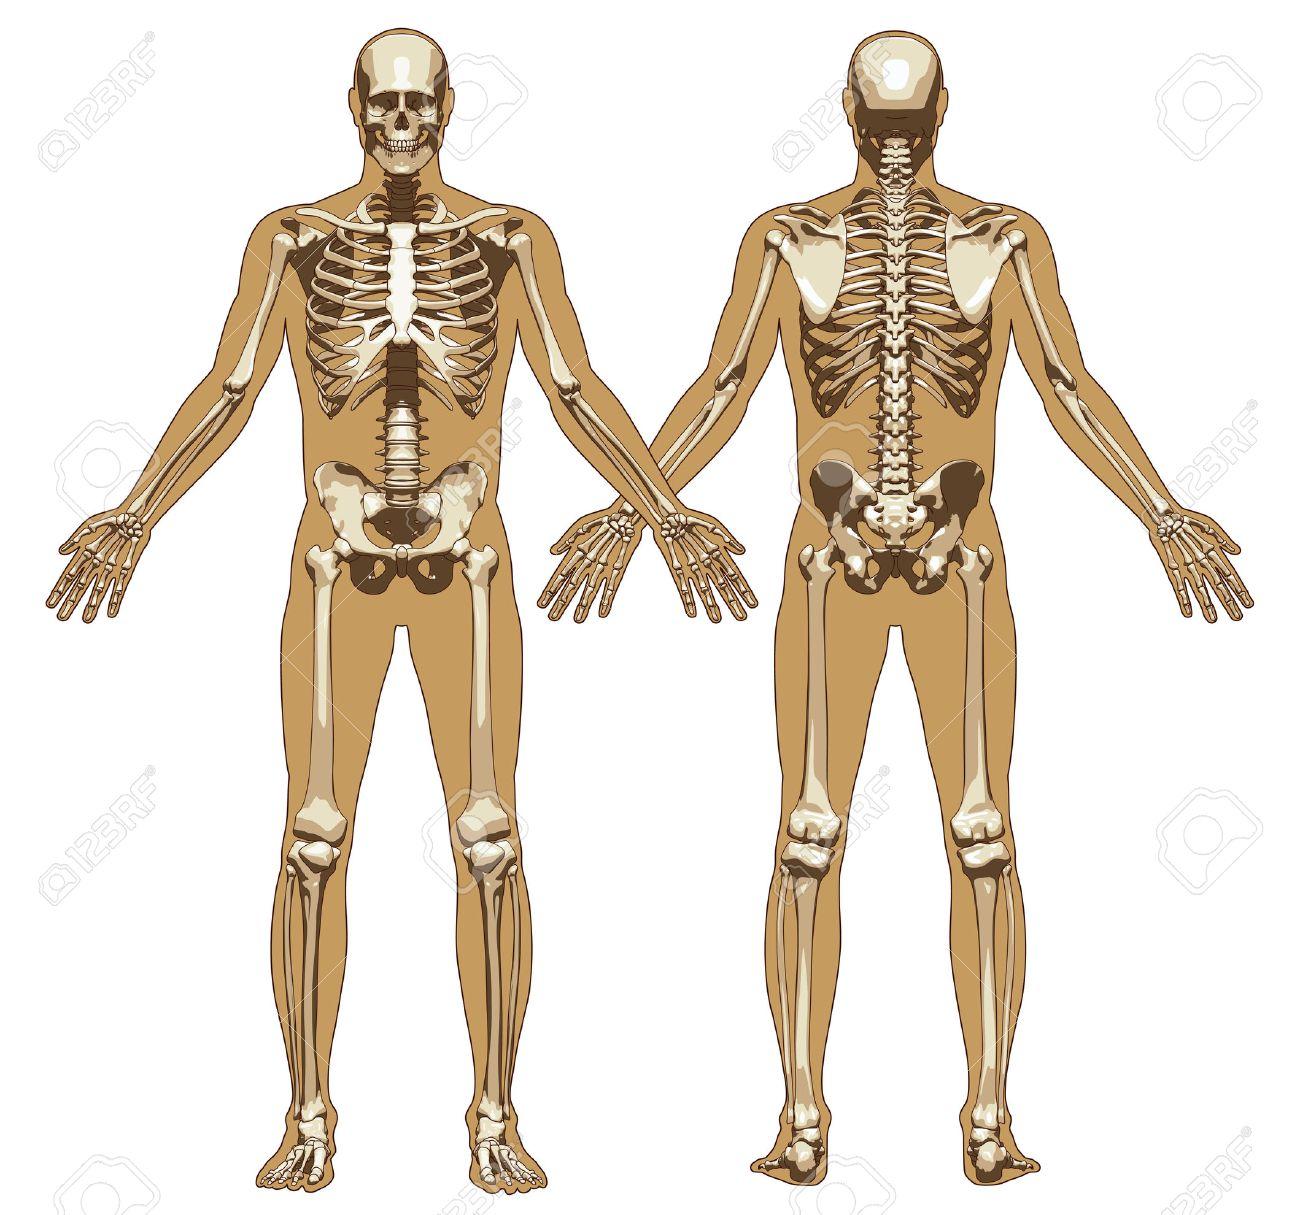 Menschliches Skelett Auf Flachen Körper Hintergrund. Vorder- Und ...